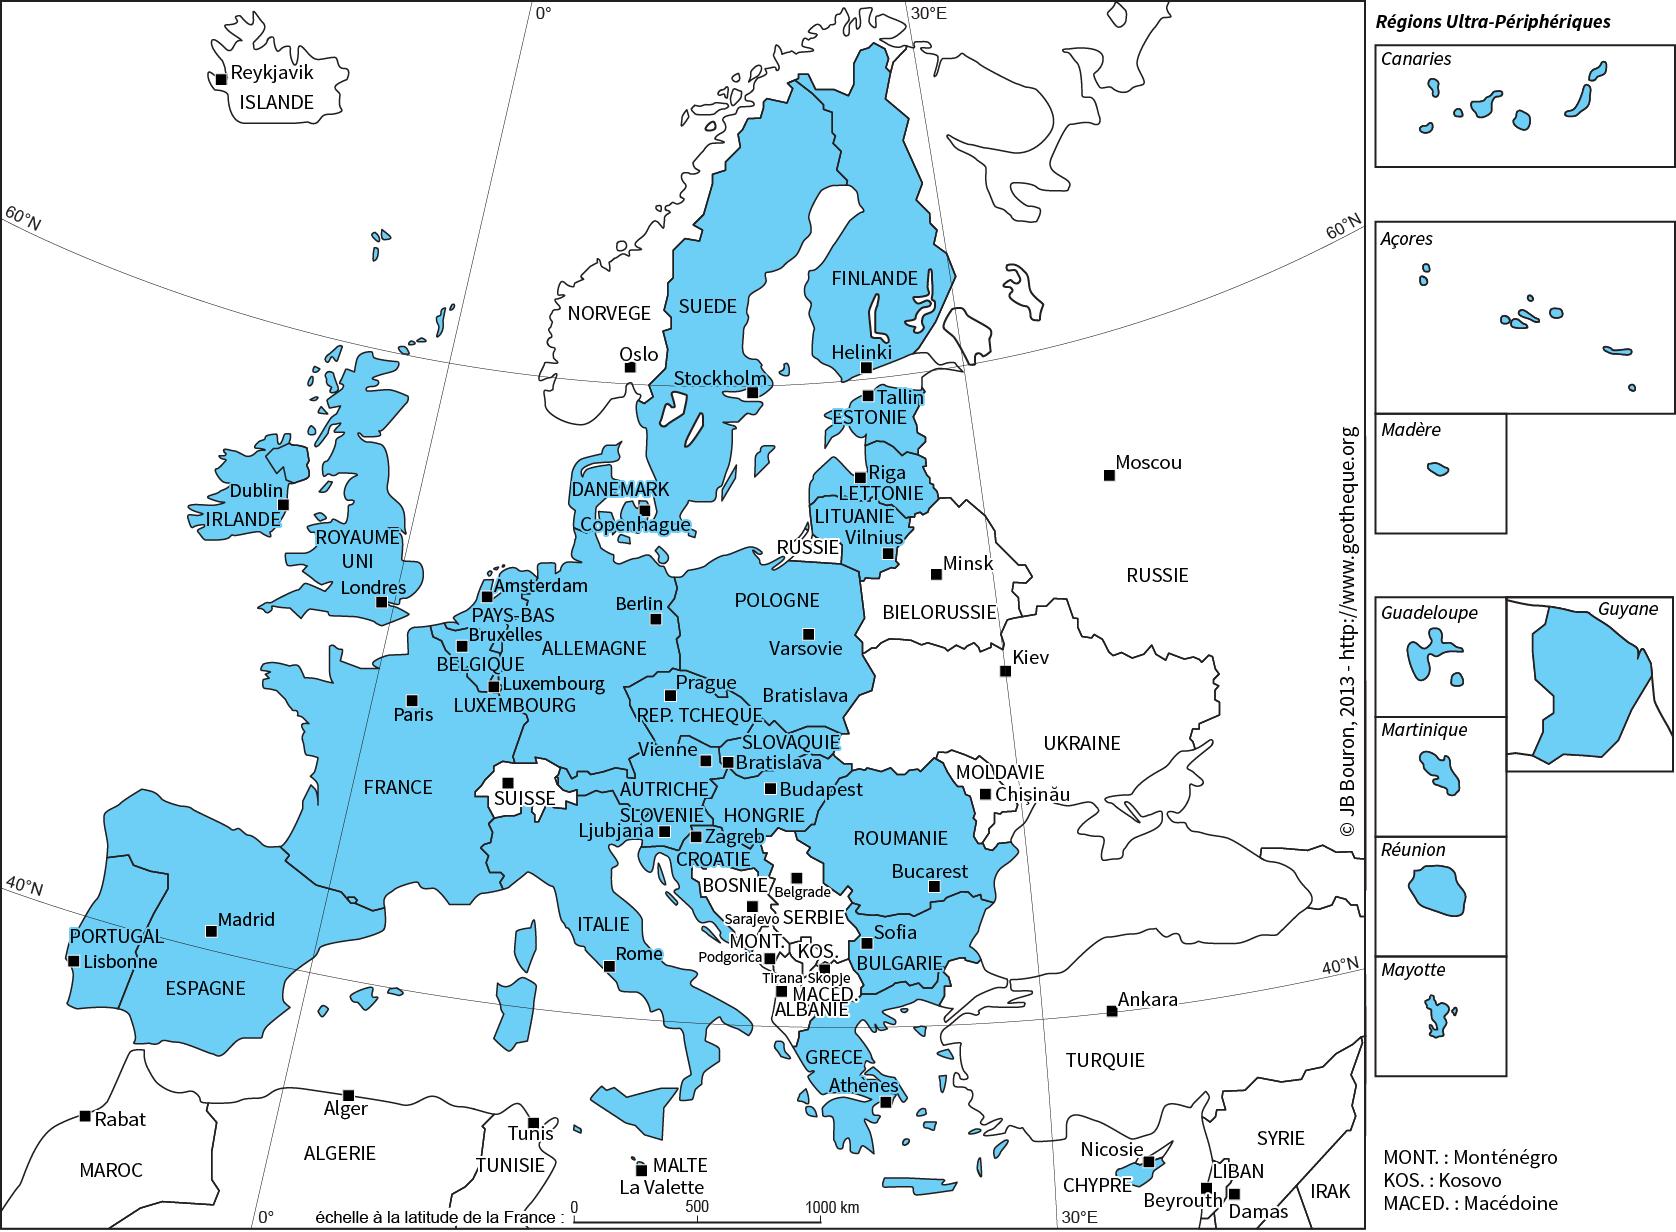 Les Pays De L'union Avec Leur Capitale dedans Carte Europe Capitale